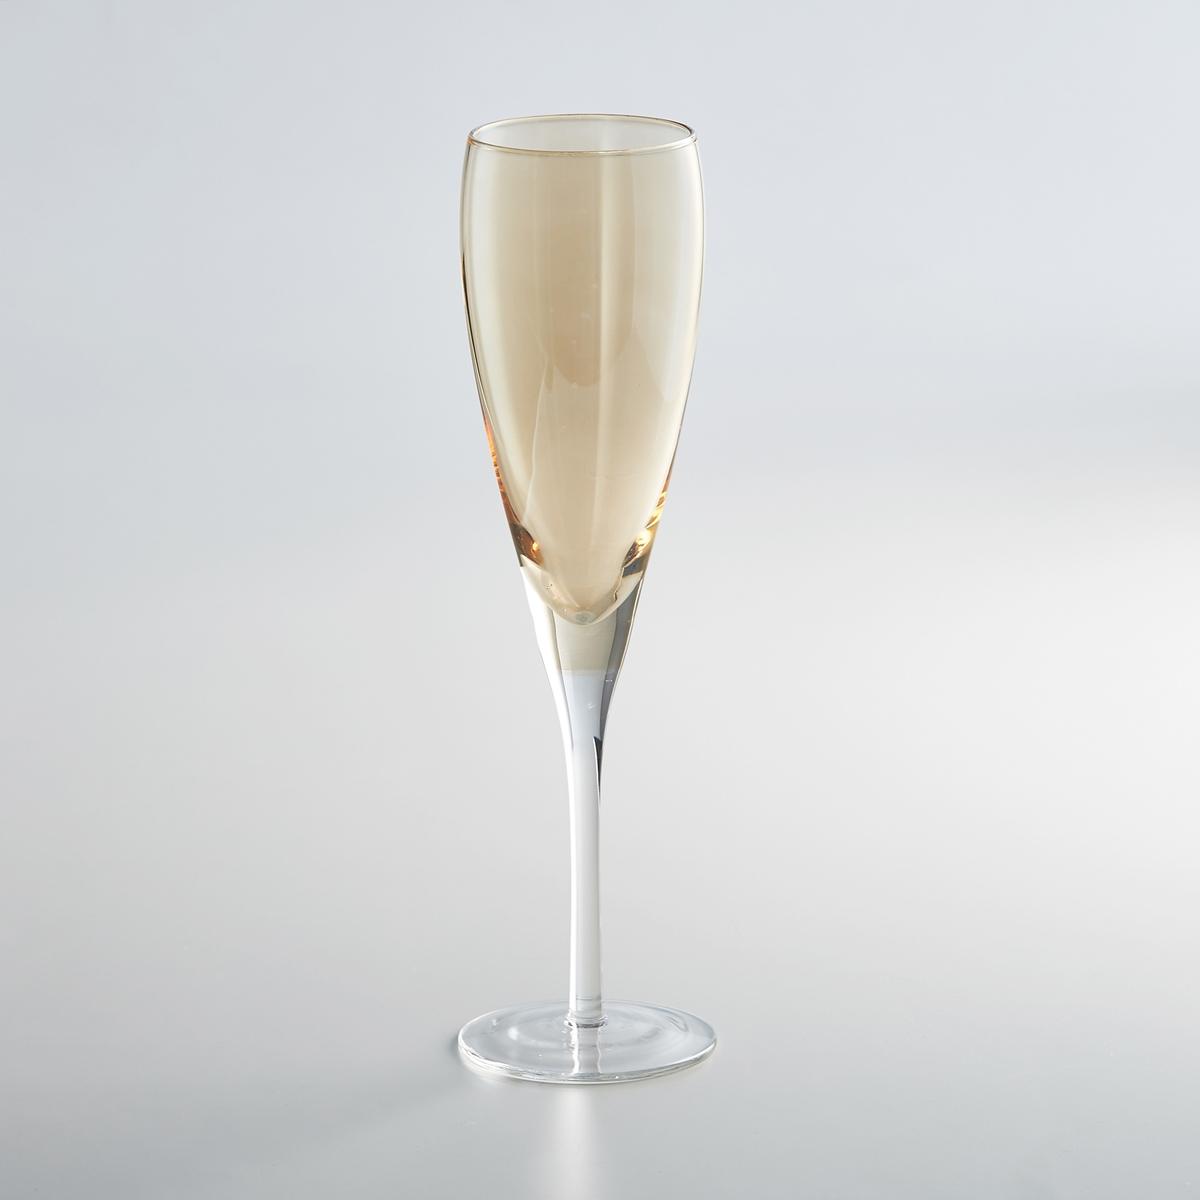 Комплект из 4 бокалов под шампанское, KOUTINEКомплект из 4 бокалов под шампанское Koutine La redoute Int?rieurs. Янтарный или темно-серый цвет для создания гармонии оттенков на вашем столе.Характеристики 4 бокалов под шампанское Koutine:Бокал под шампанское из стекла, выдуваемого с помощью ртаДиаметр : 7,5 смВысота : 26 см Ручная стирка.Продаются в комплекте из 4 штукНайдите всю коллекцию Koutine на нашем сайте laredoute.ru<br><br>Цвет: дымчато-серый,янтарь<br>Размер: единый размер.единый размер